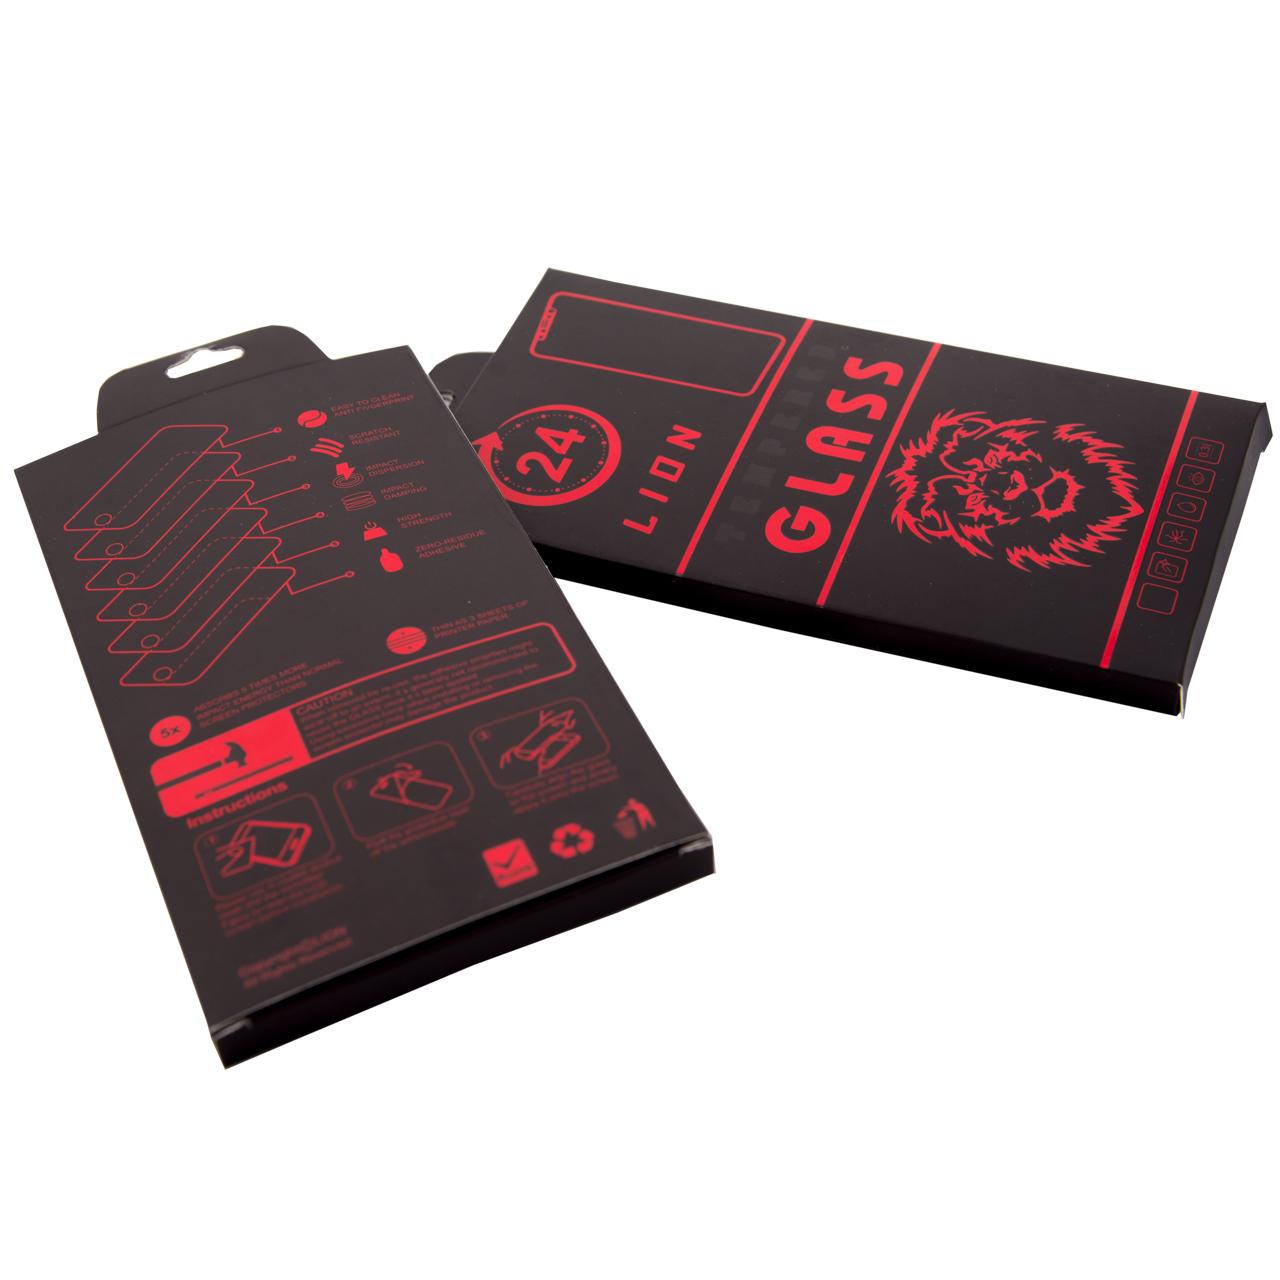 محافظ صفحه نمایش لاین مدل RT007 مناسب برای گوشی موبایل شیائومی Redmi Note 8T بسته دو عددی main 1 11